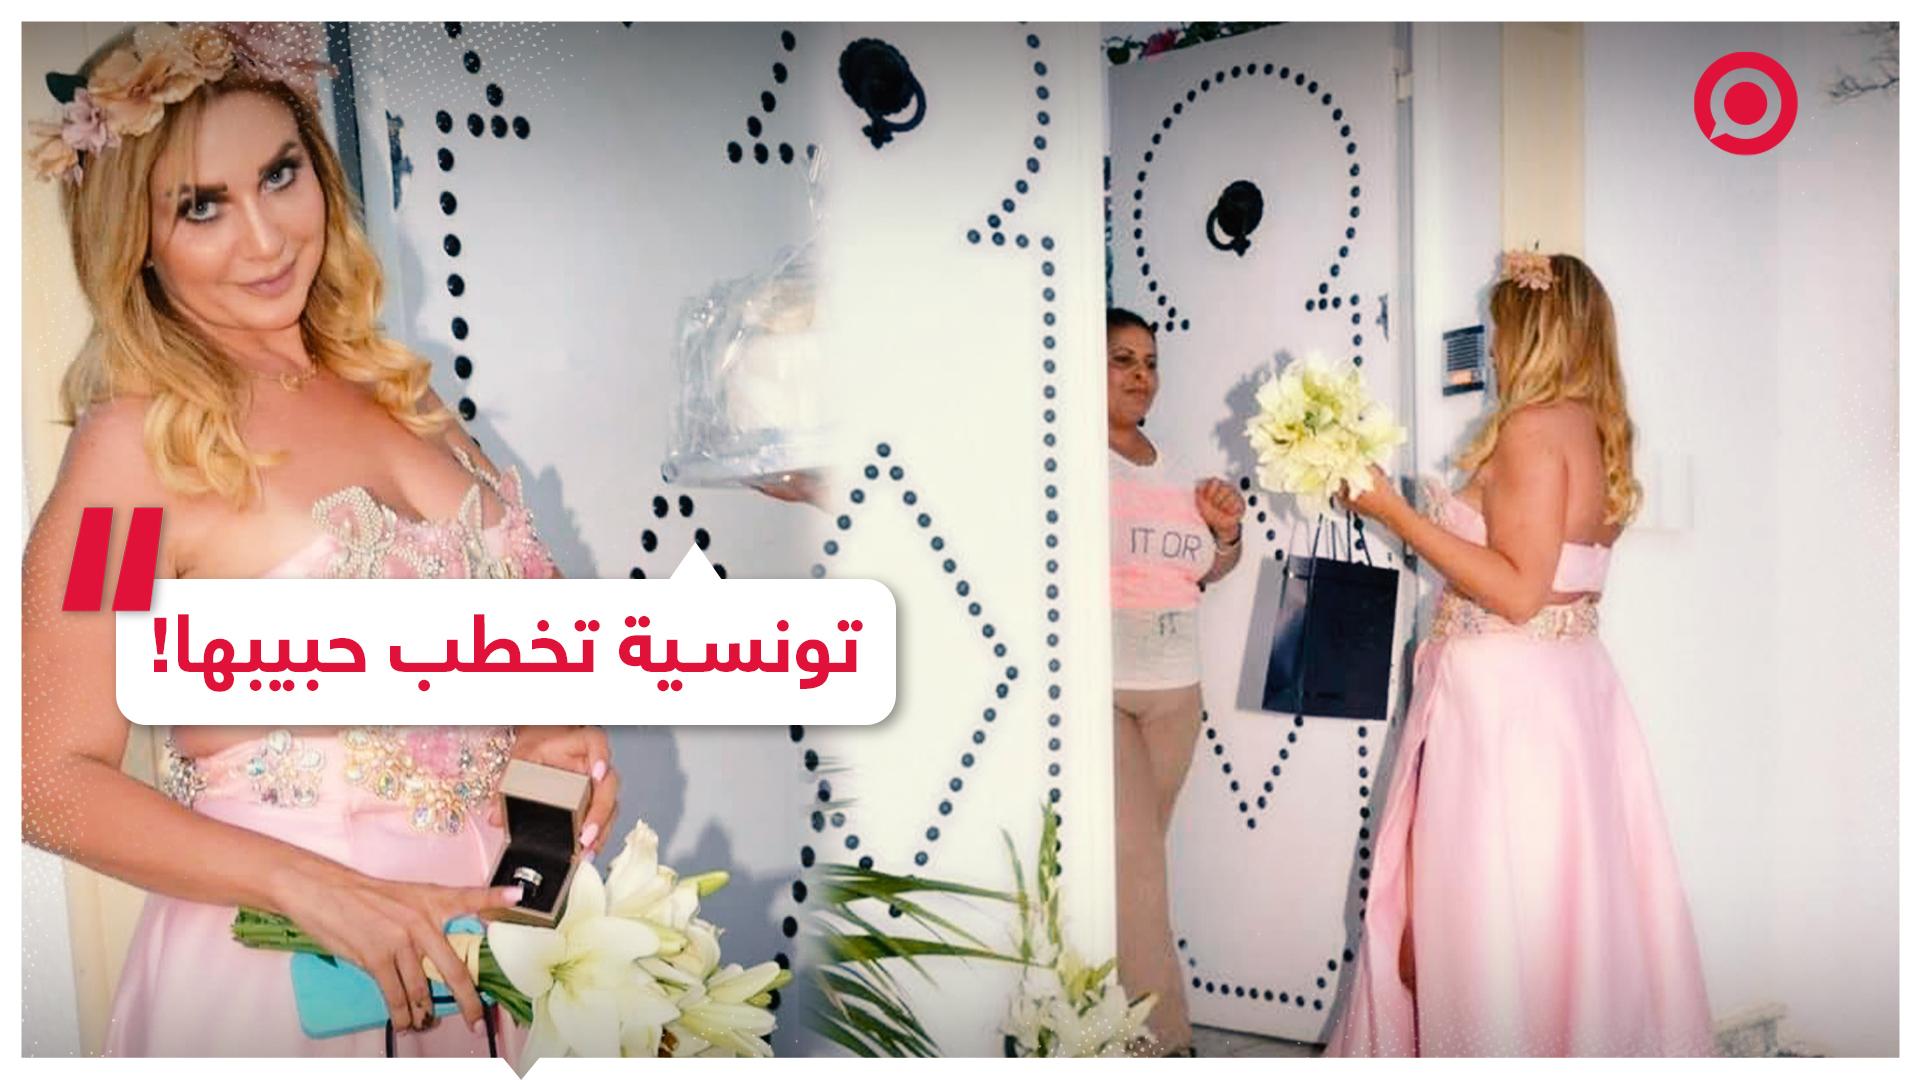 تونسية تتقدم لخطبة حبيبها وتثير عاصفة من الجدل!